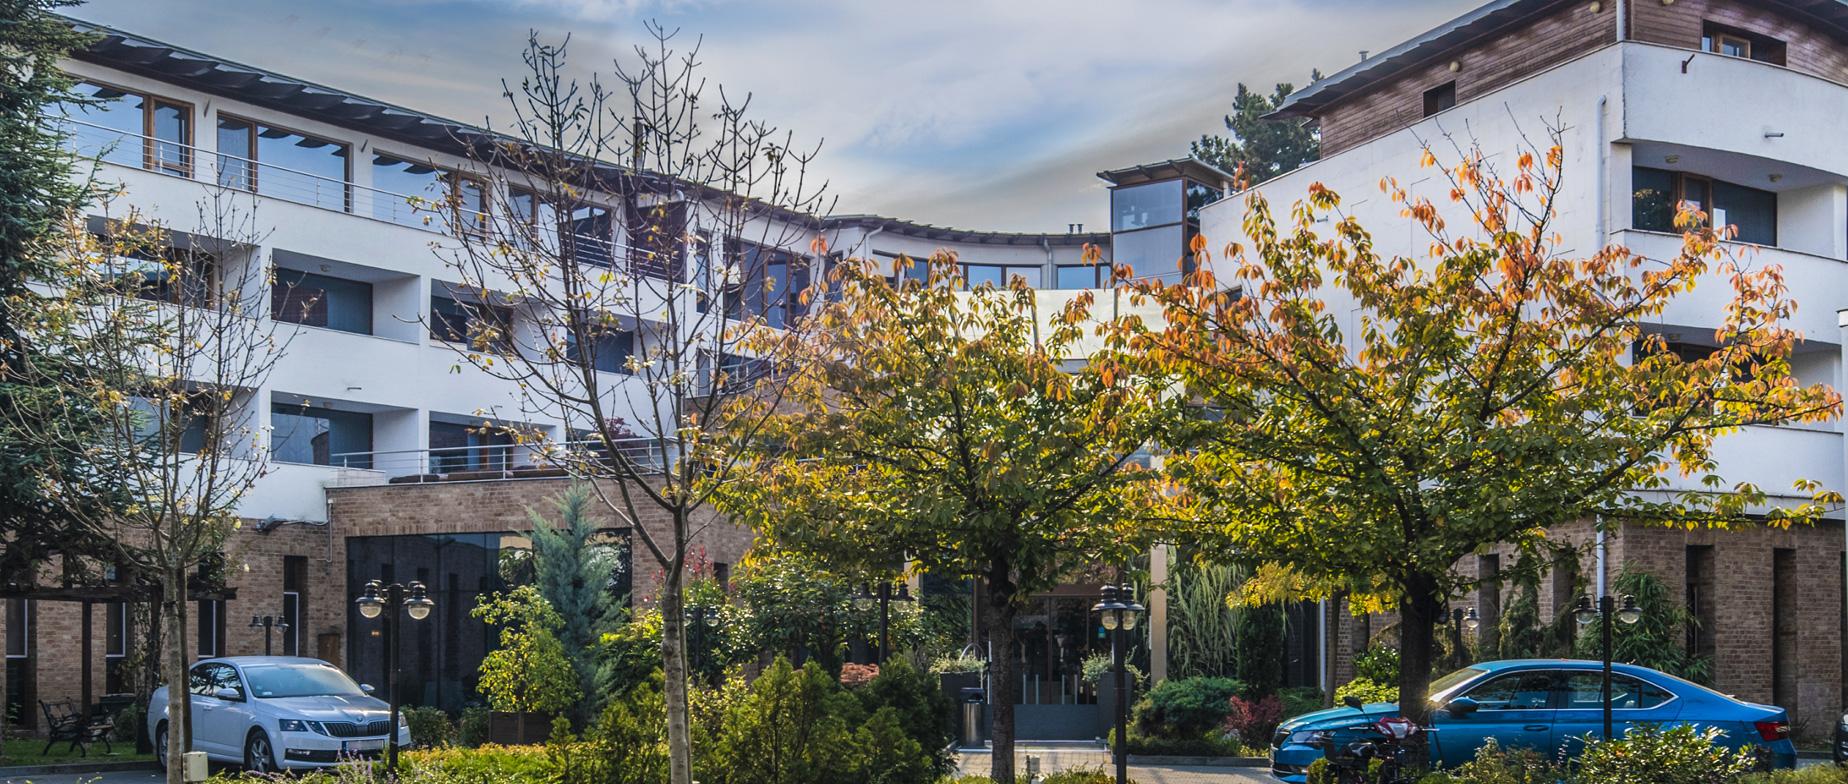 Residence Hotel Balaton ajándékutalvány